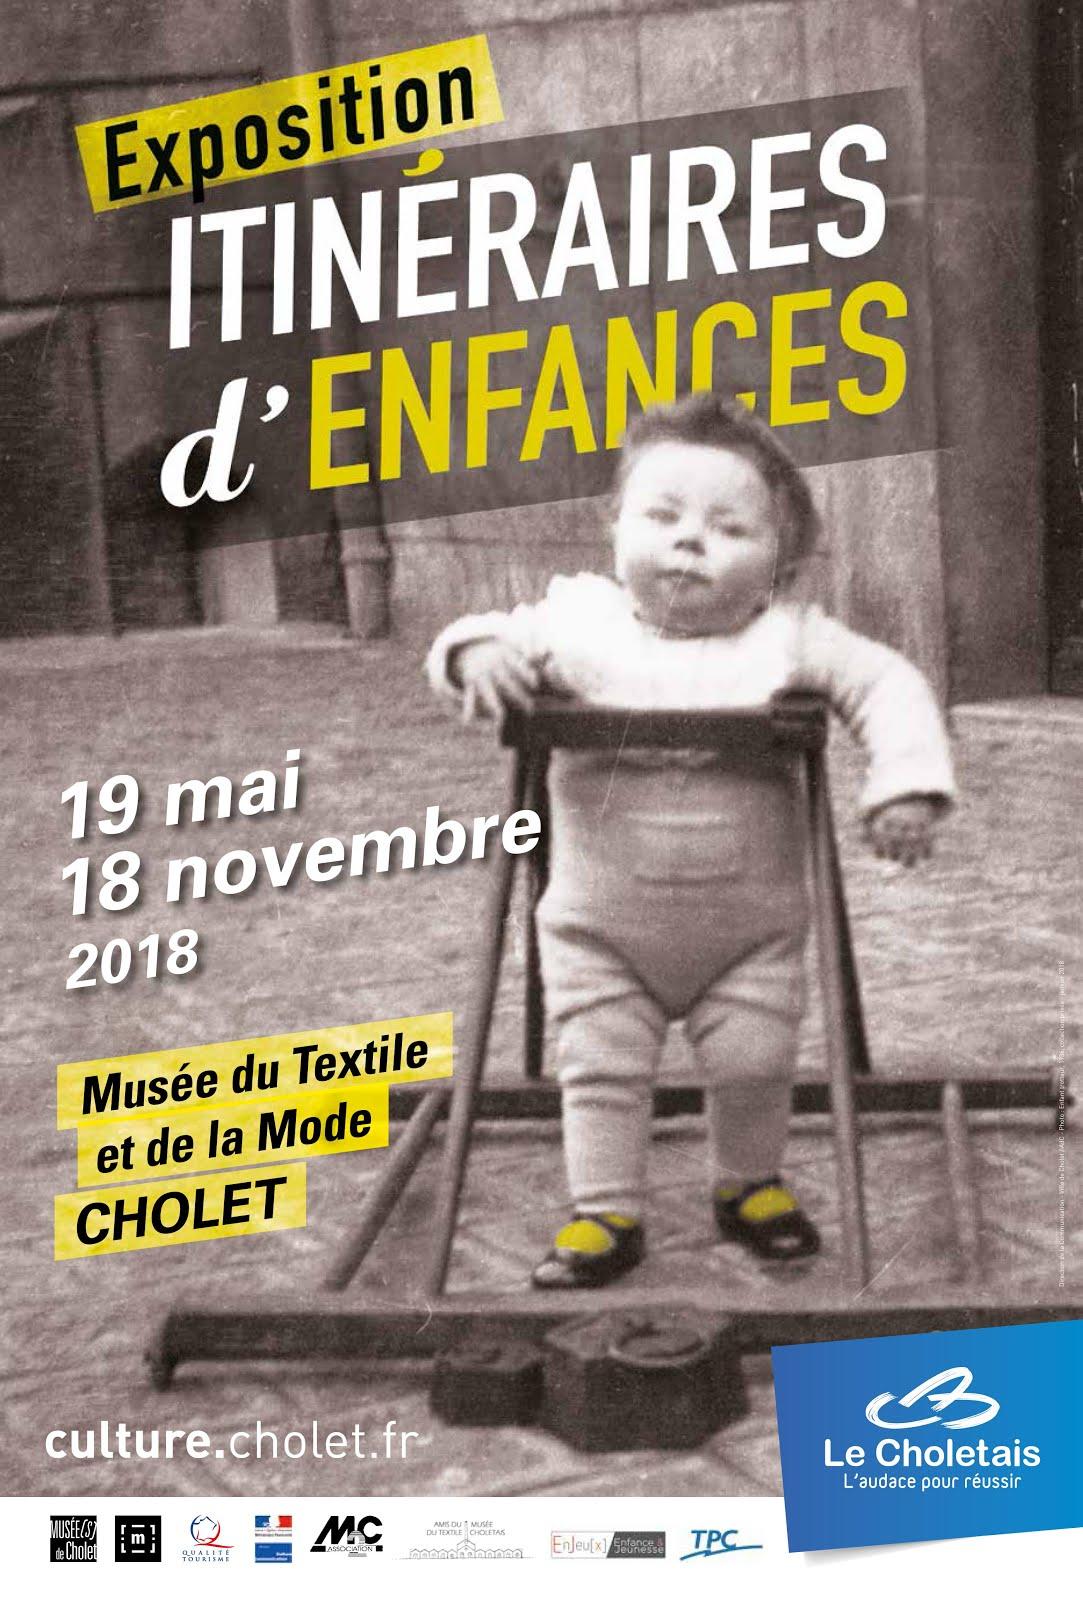 Actu expos / Itinéraires d'enfance